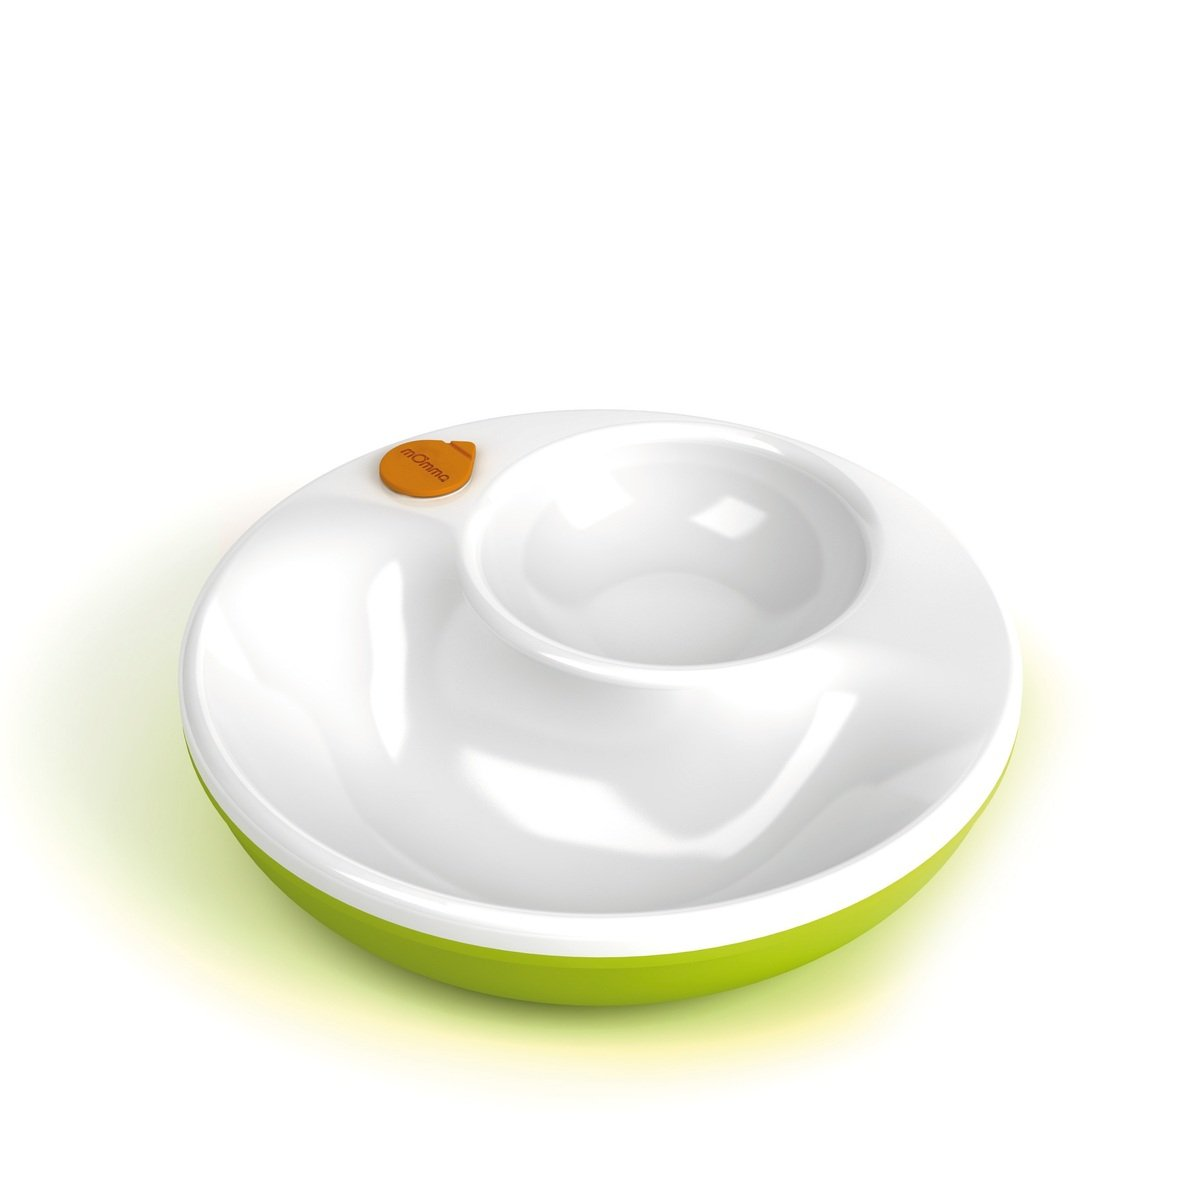 兩格保溫碗 - 綠色